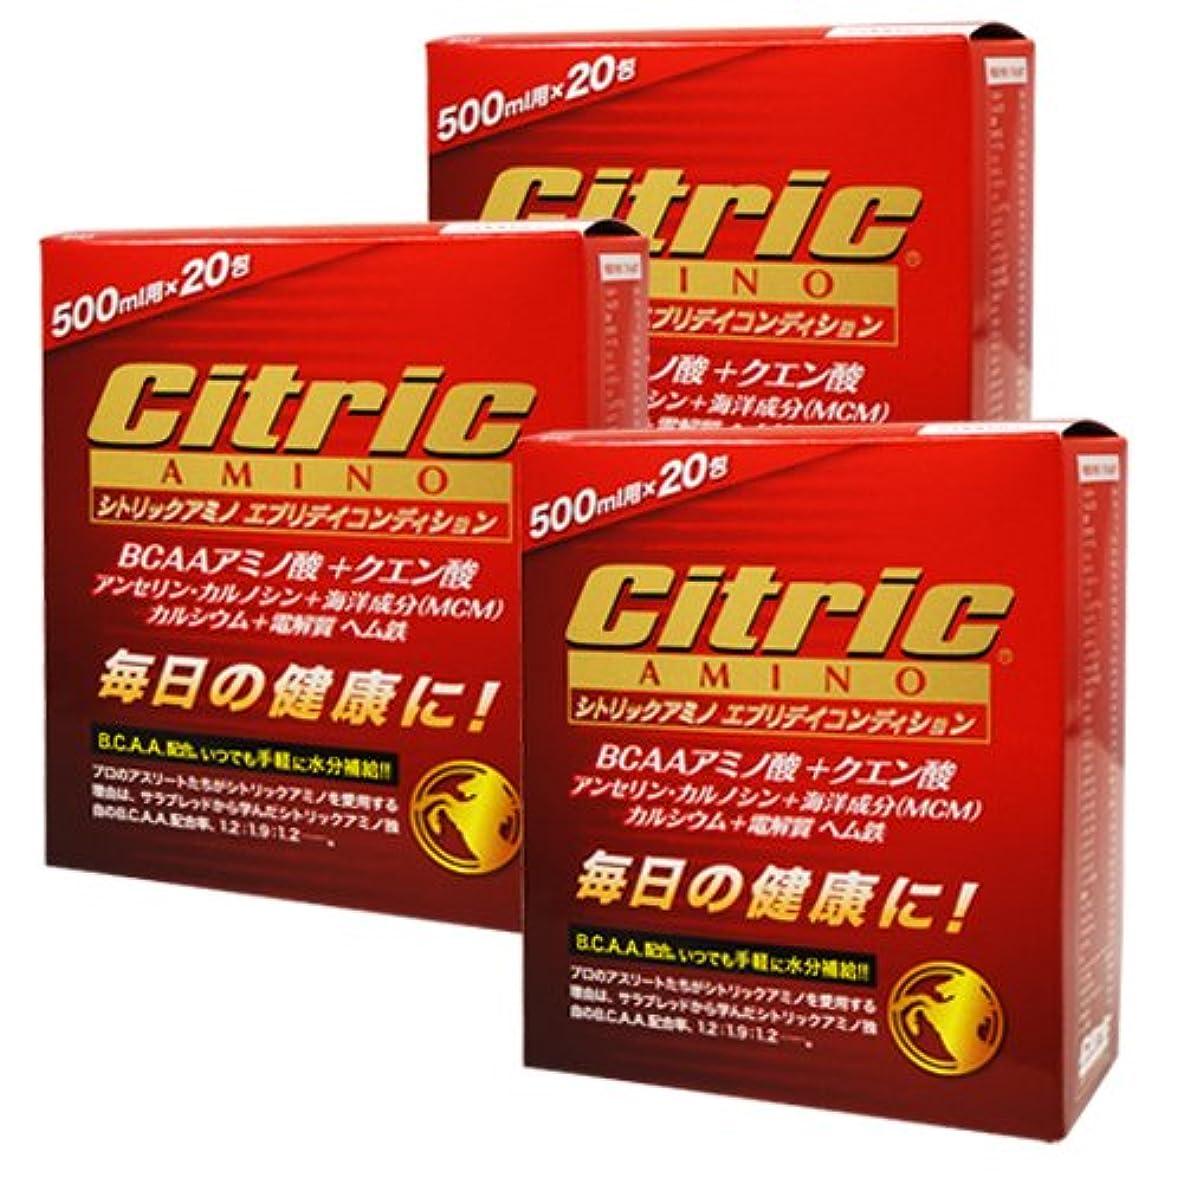 価格可愛い責めるシトリックアミノ エブリデイコンディション 120g(6g×20包)×3箱